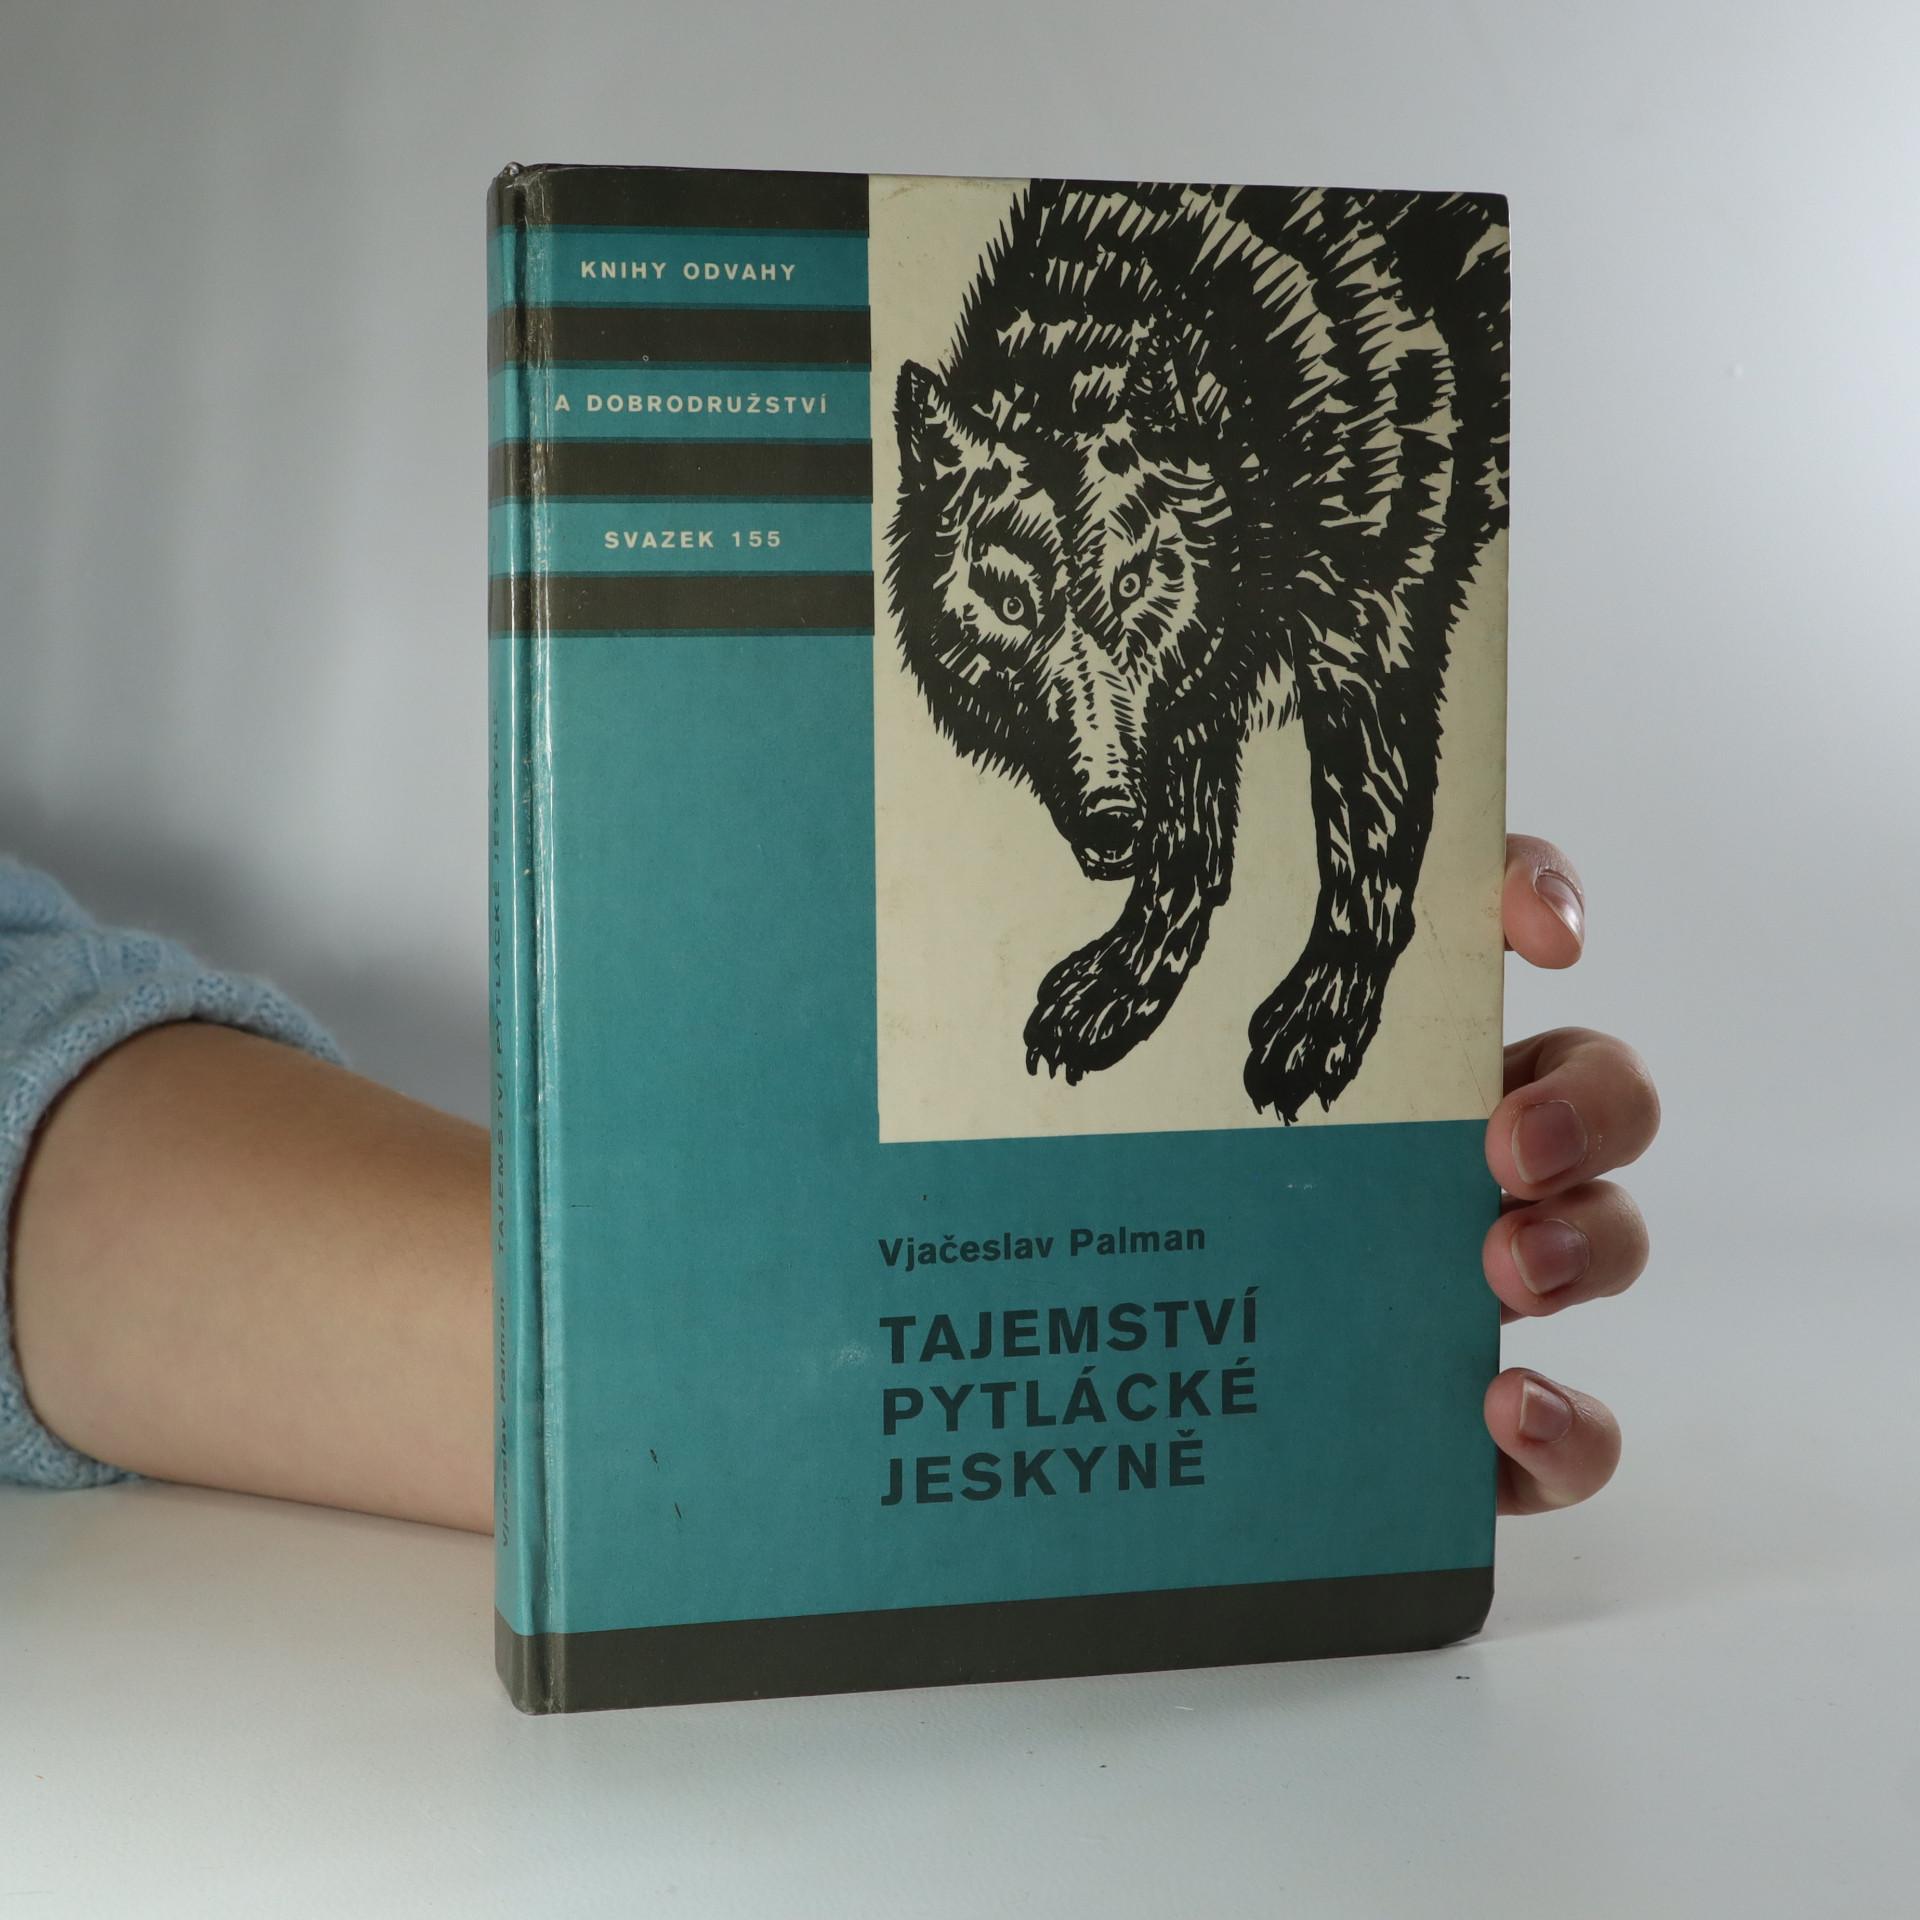 antikvární kniha Tajemství pytlácké jeskyně, 1981